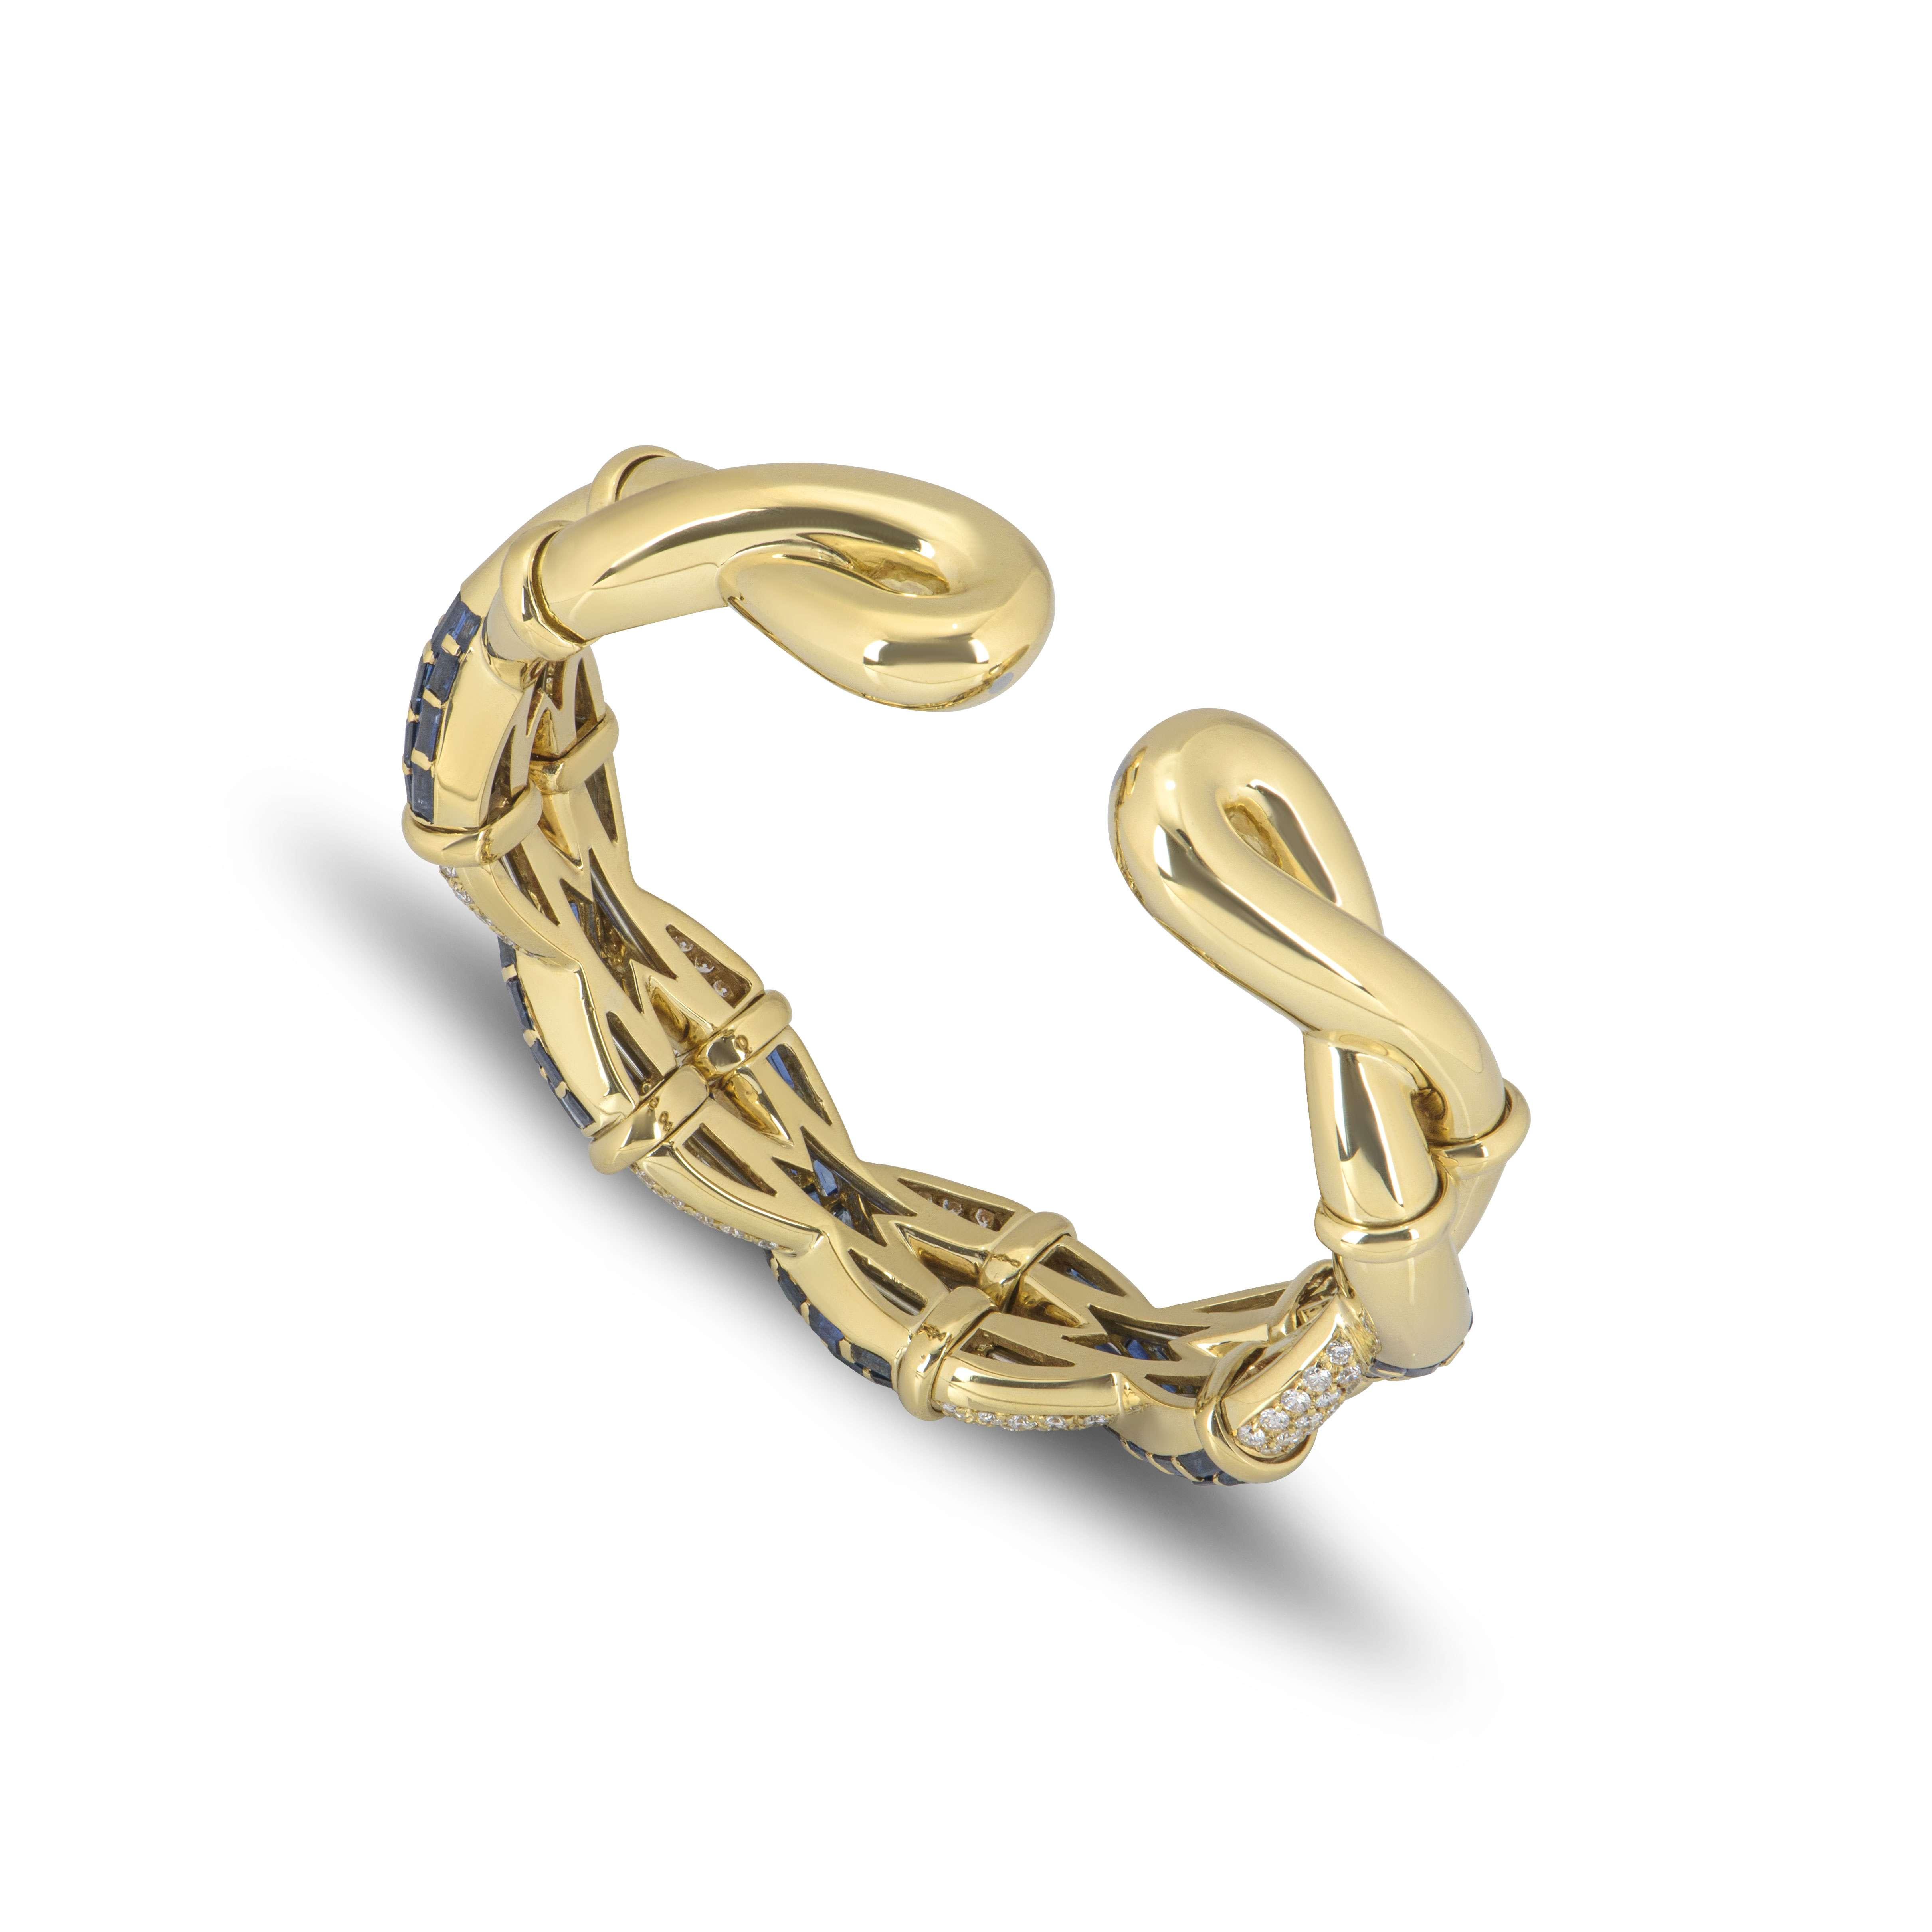 Yellow Gold Sapphire and Diamond Cuff Bangle